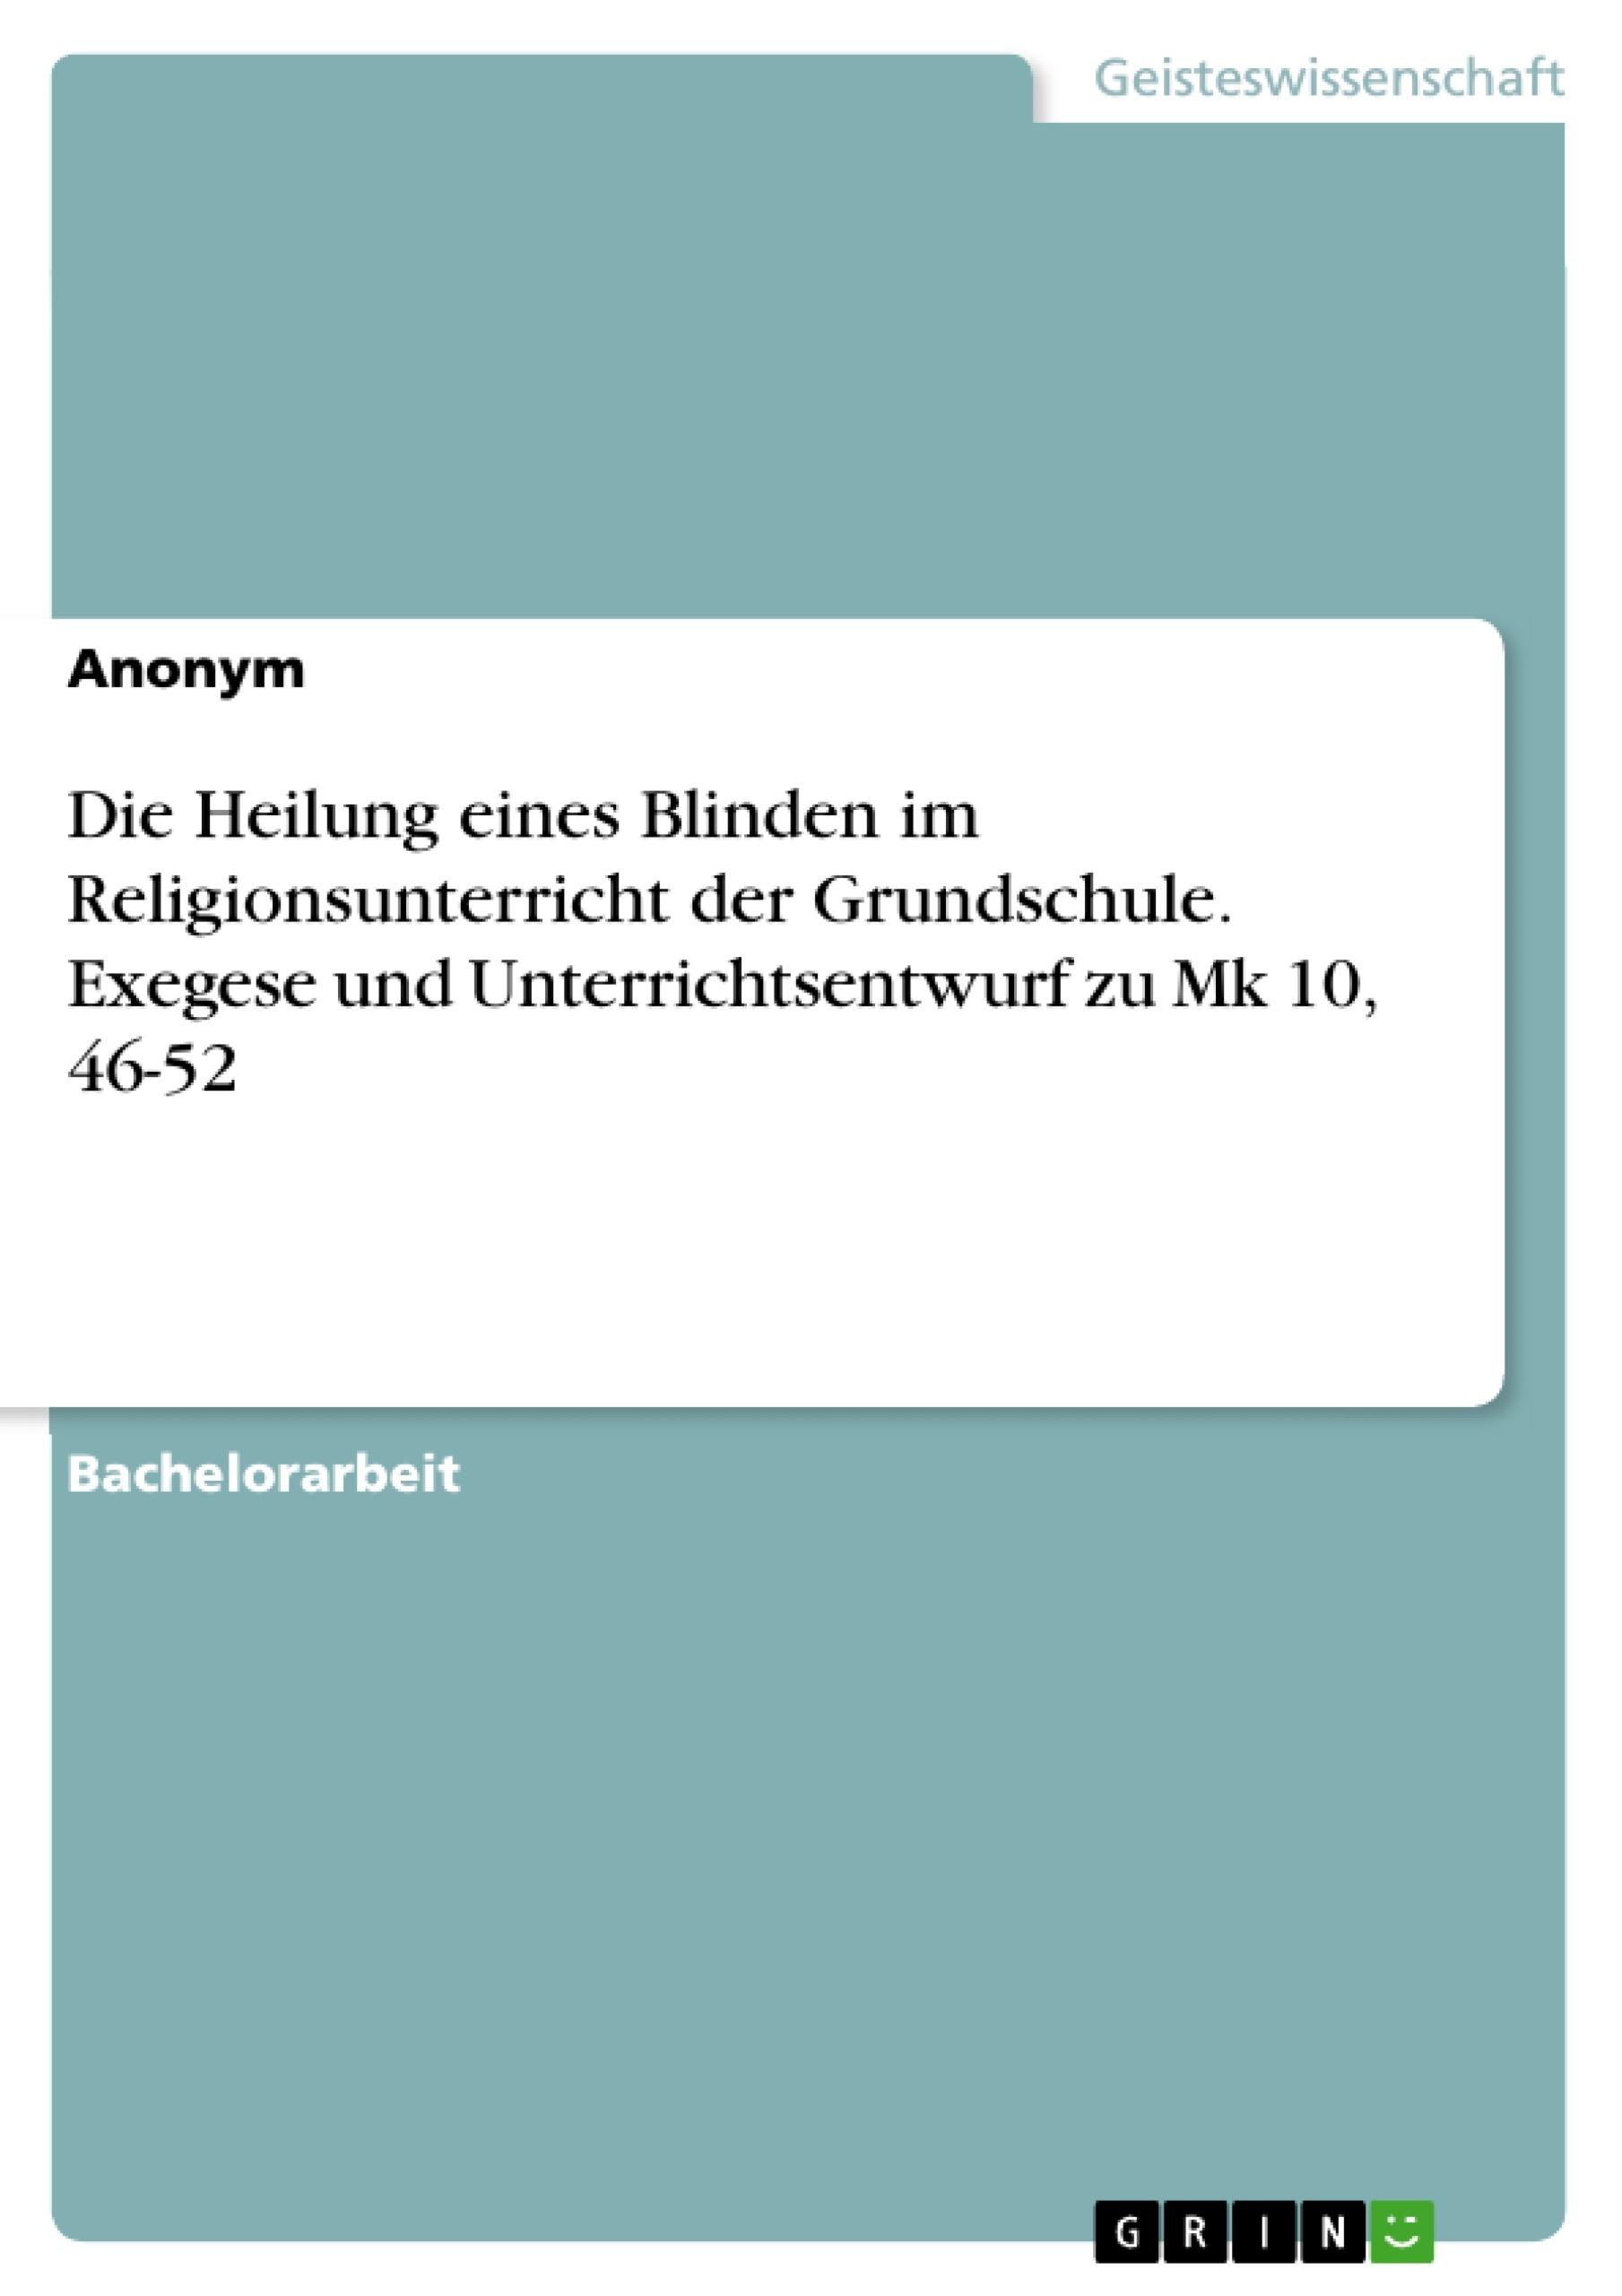 Titel: Die Heilung eines Blinden im Religionsunterricht der Grundschule. Exegese und Unterrichtsentwurf zu Mk 10, 46-52